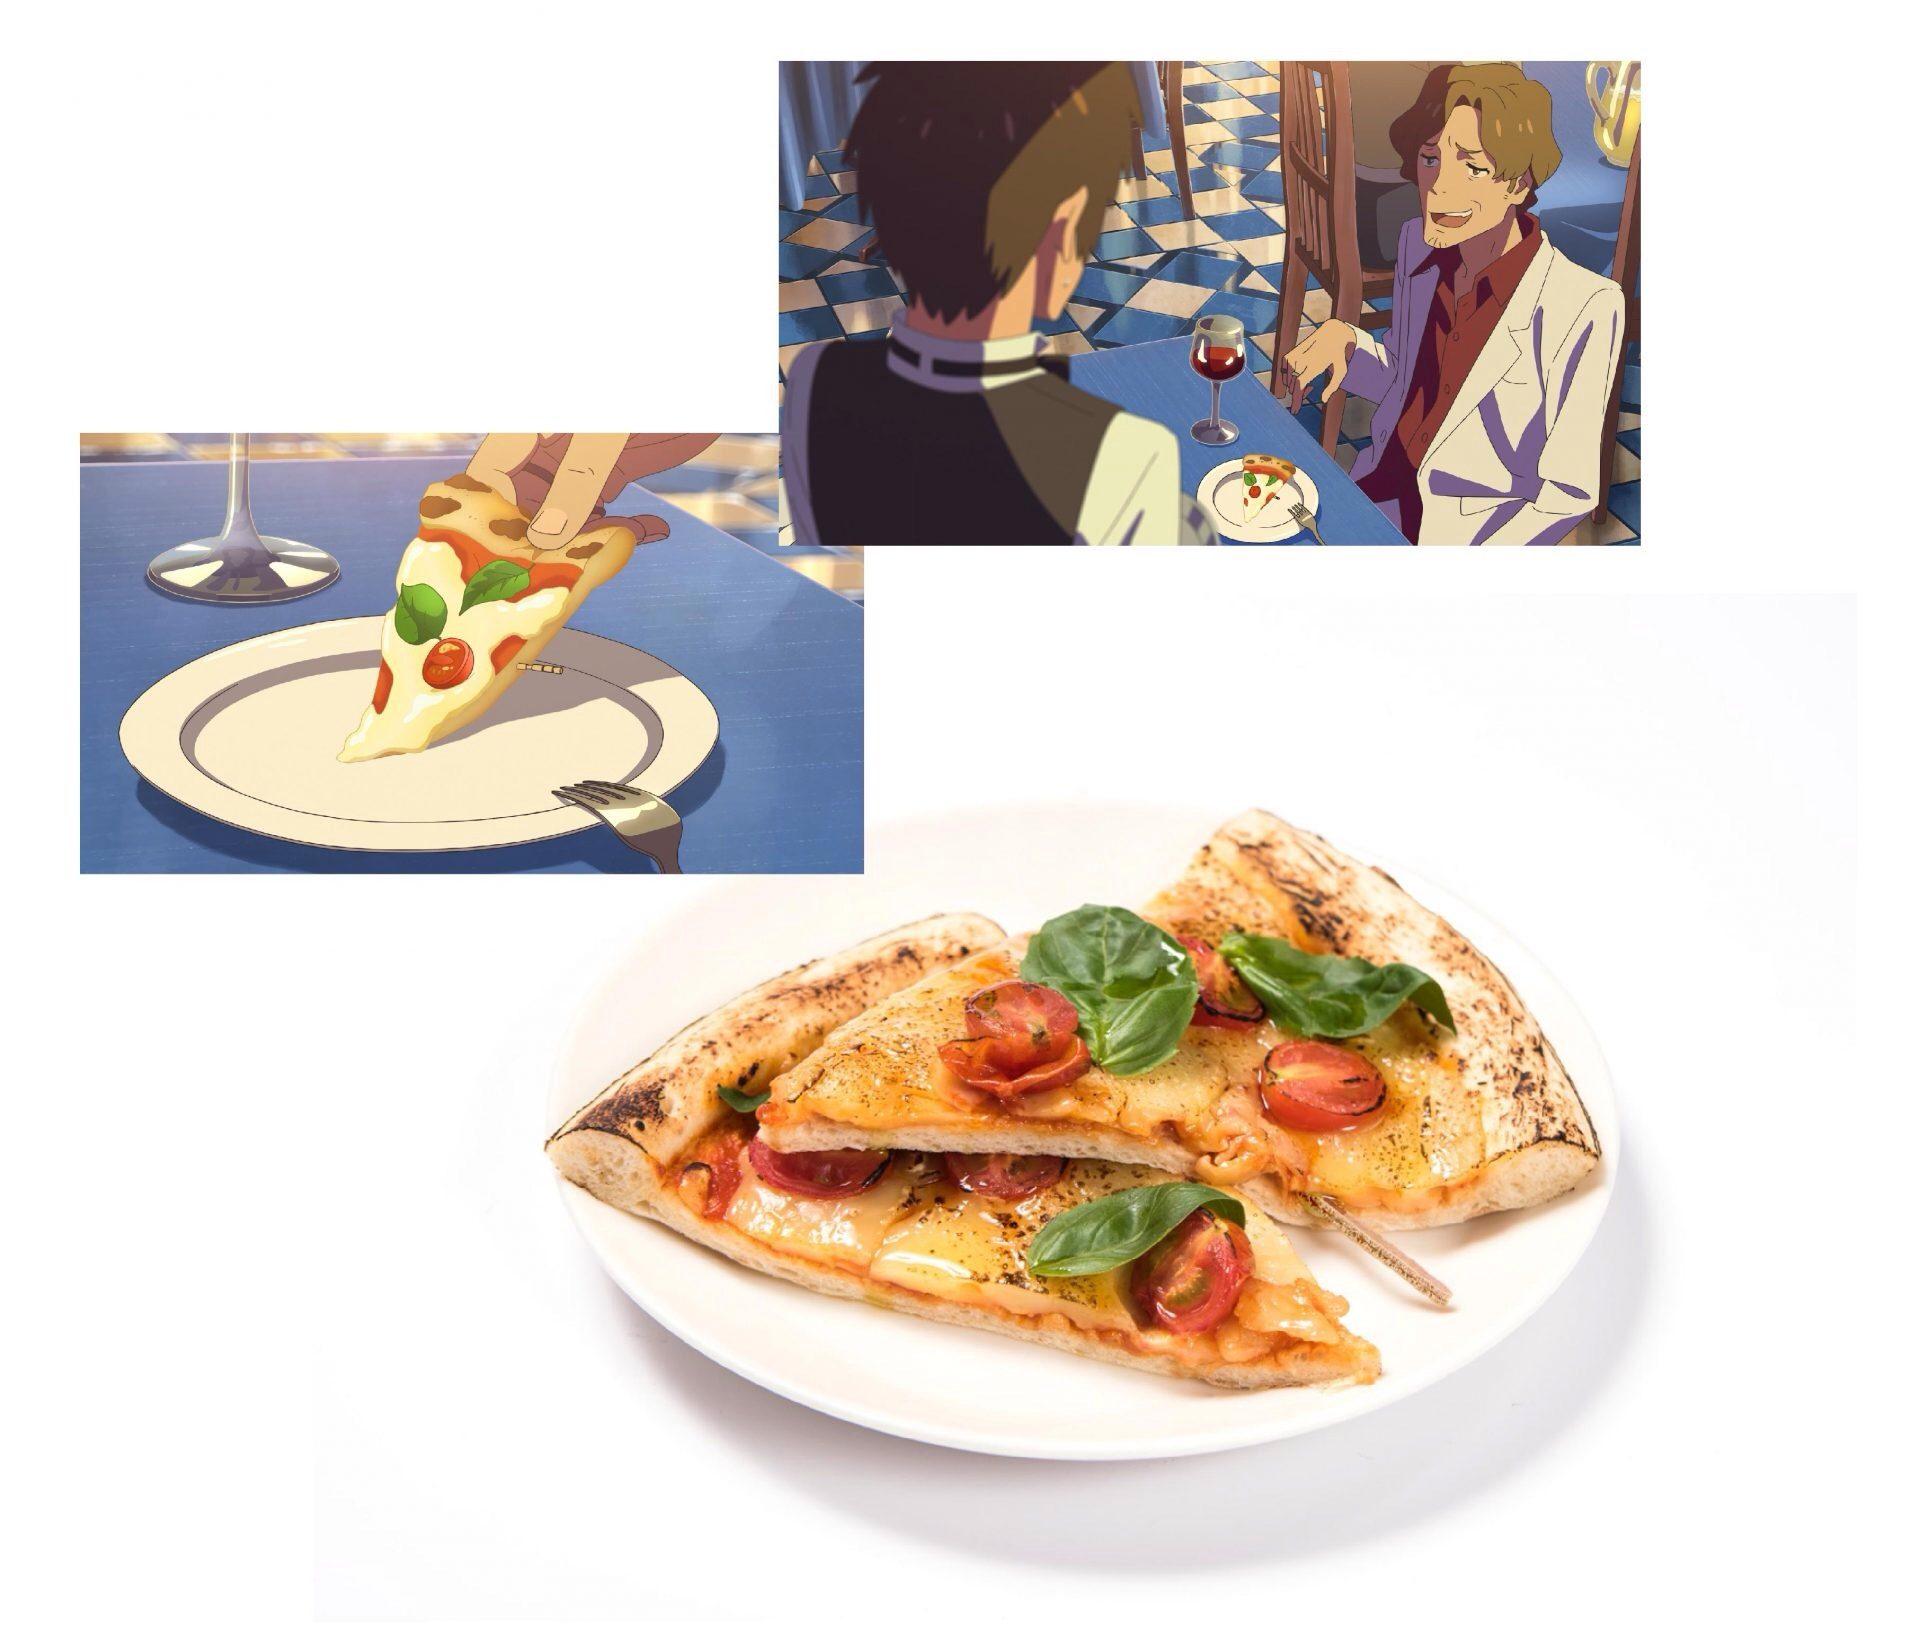 大ヒット映画『君の名は。』のカフェが、期間限定で名古屋パルコにOPEN! - IMG 0655 e1485355546618